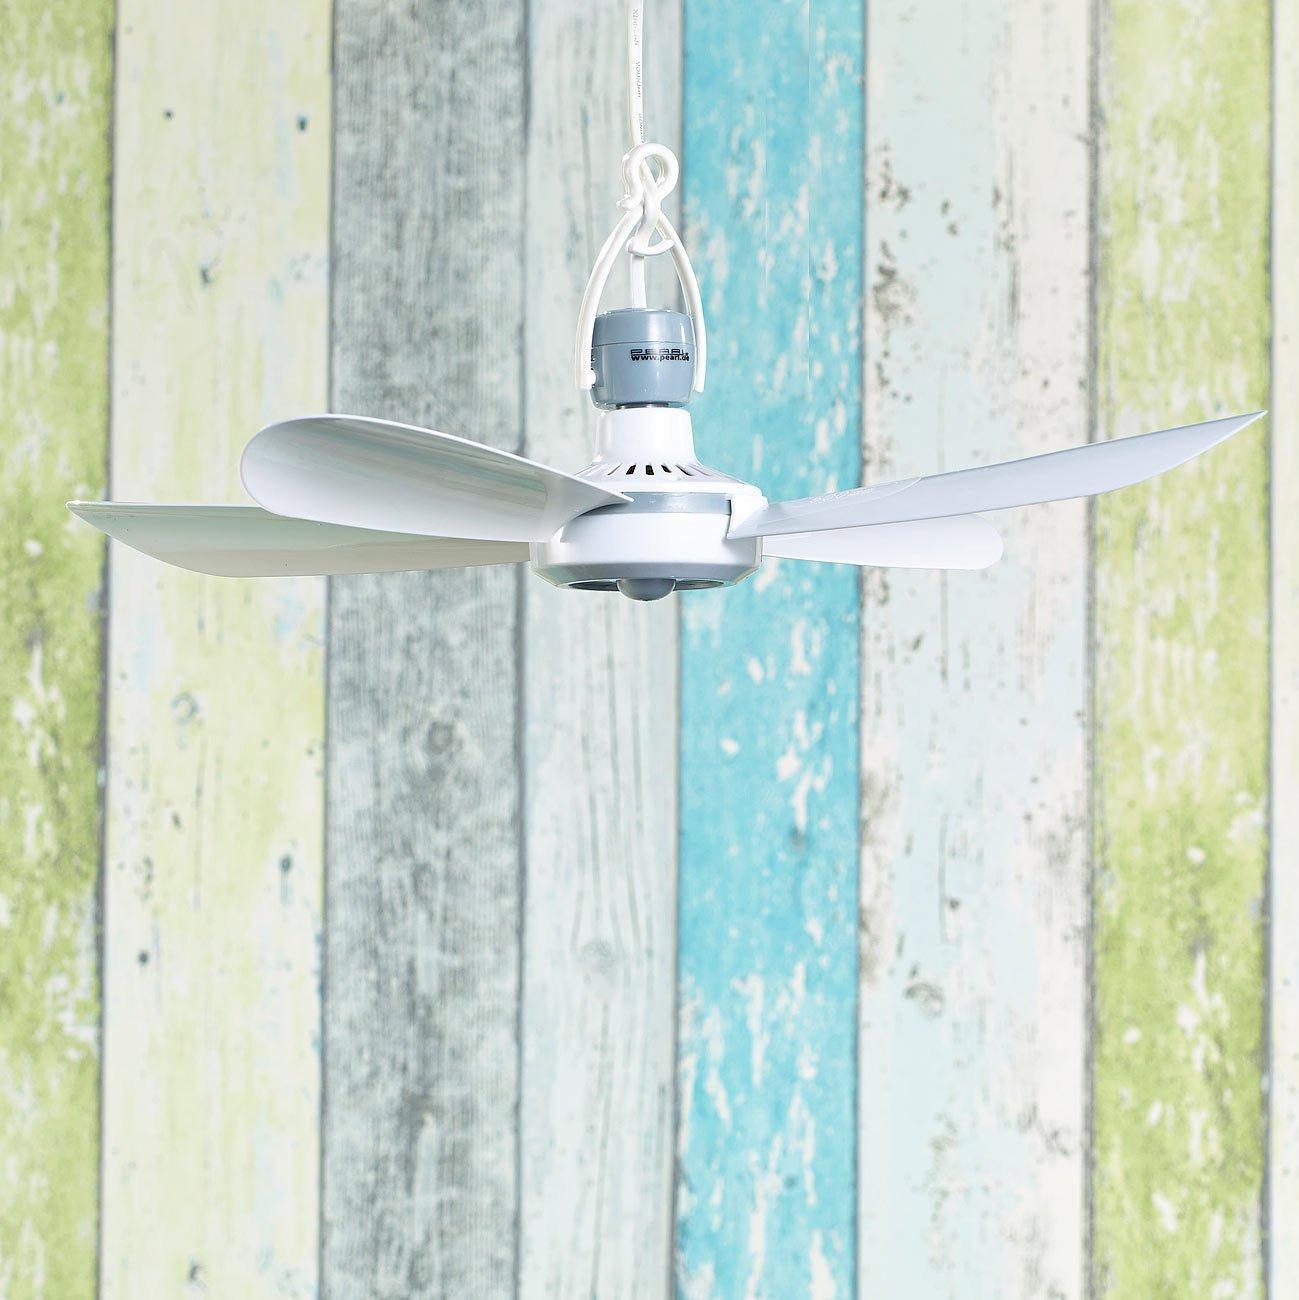 Gu a de compra ventiladores de techo baratos blog de - Ventilador de techo barato ...